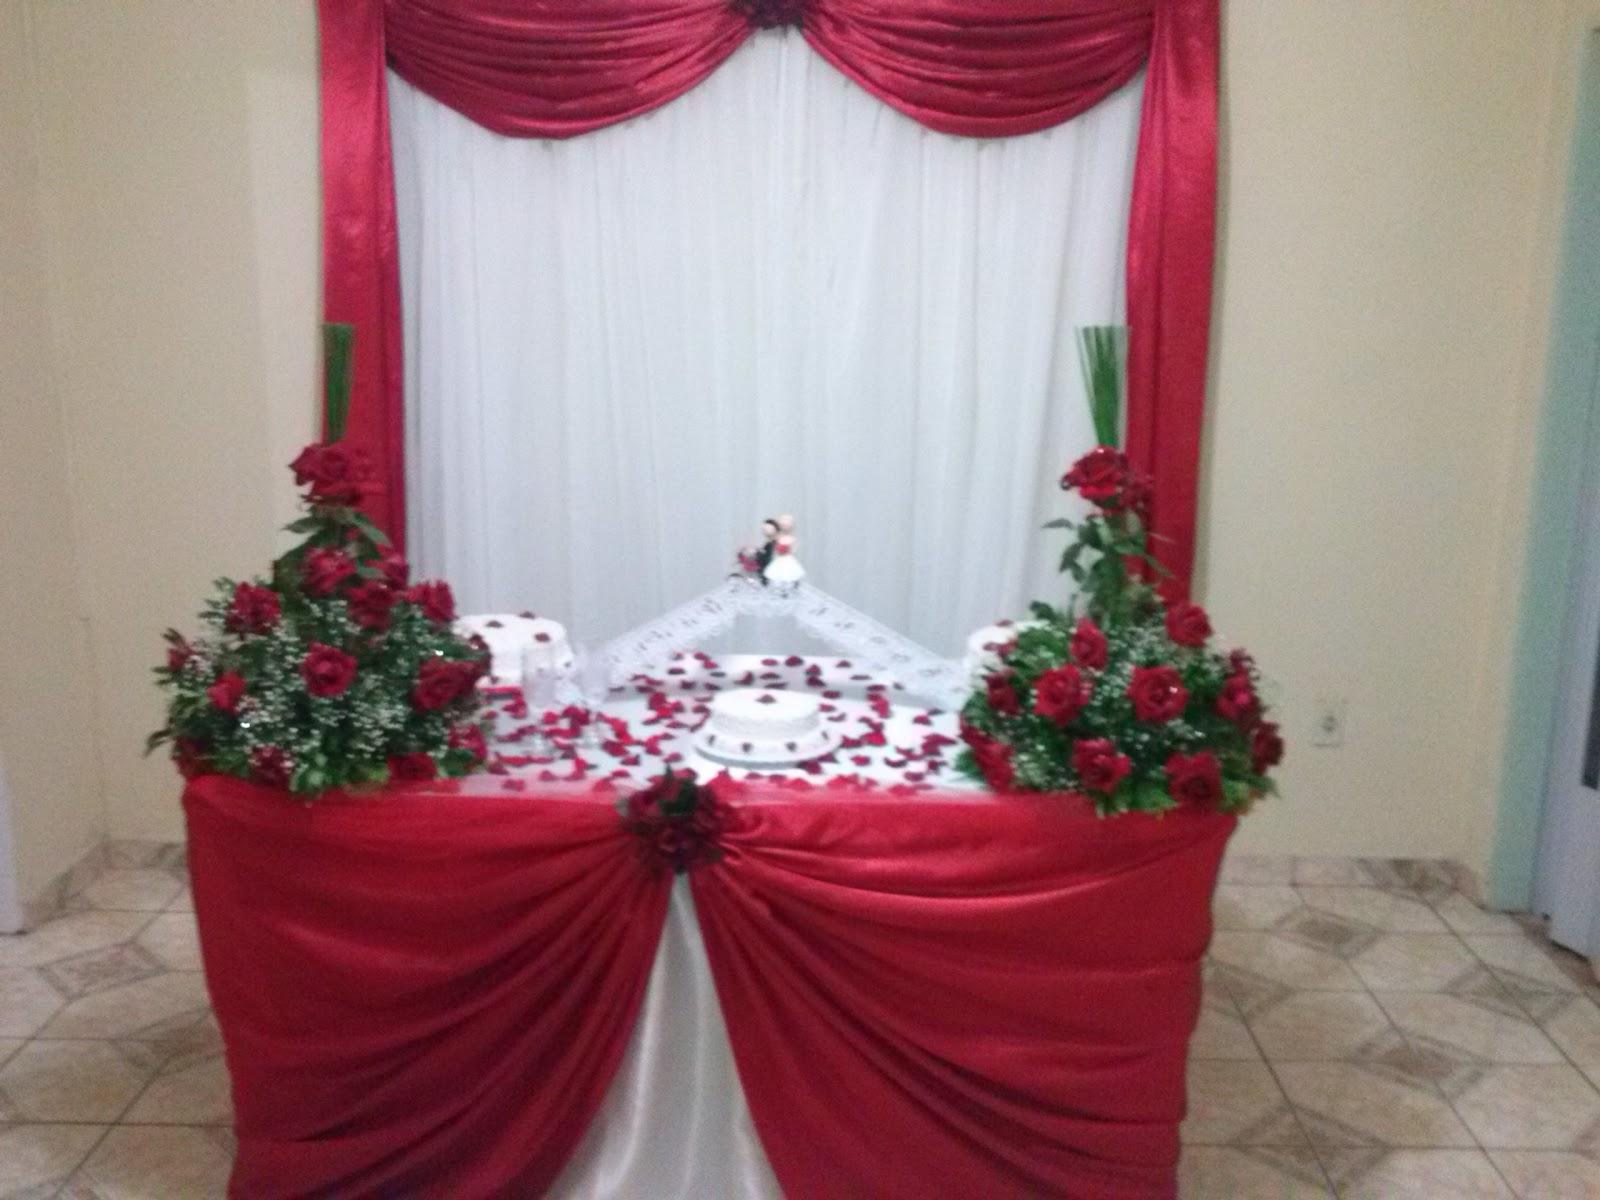 Decoraç u00e3o De Casamento Com Tnt -> Decoração De Aniversario Infantil Com Tnt